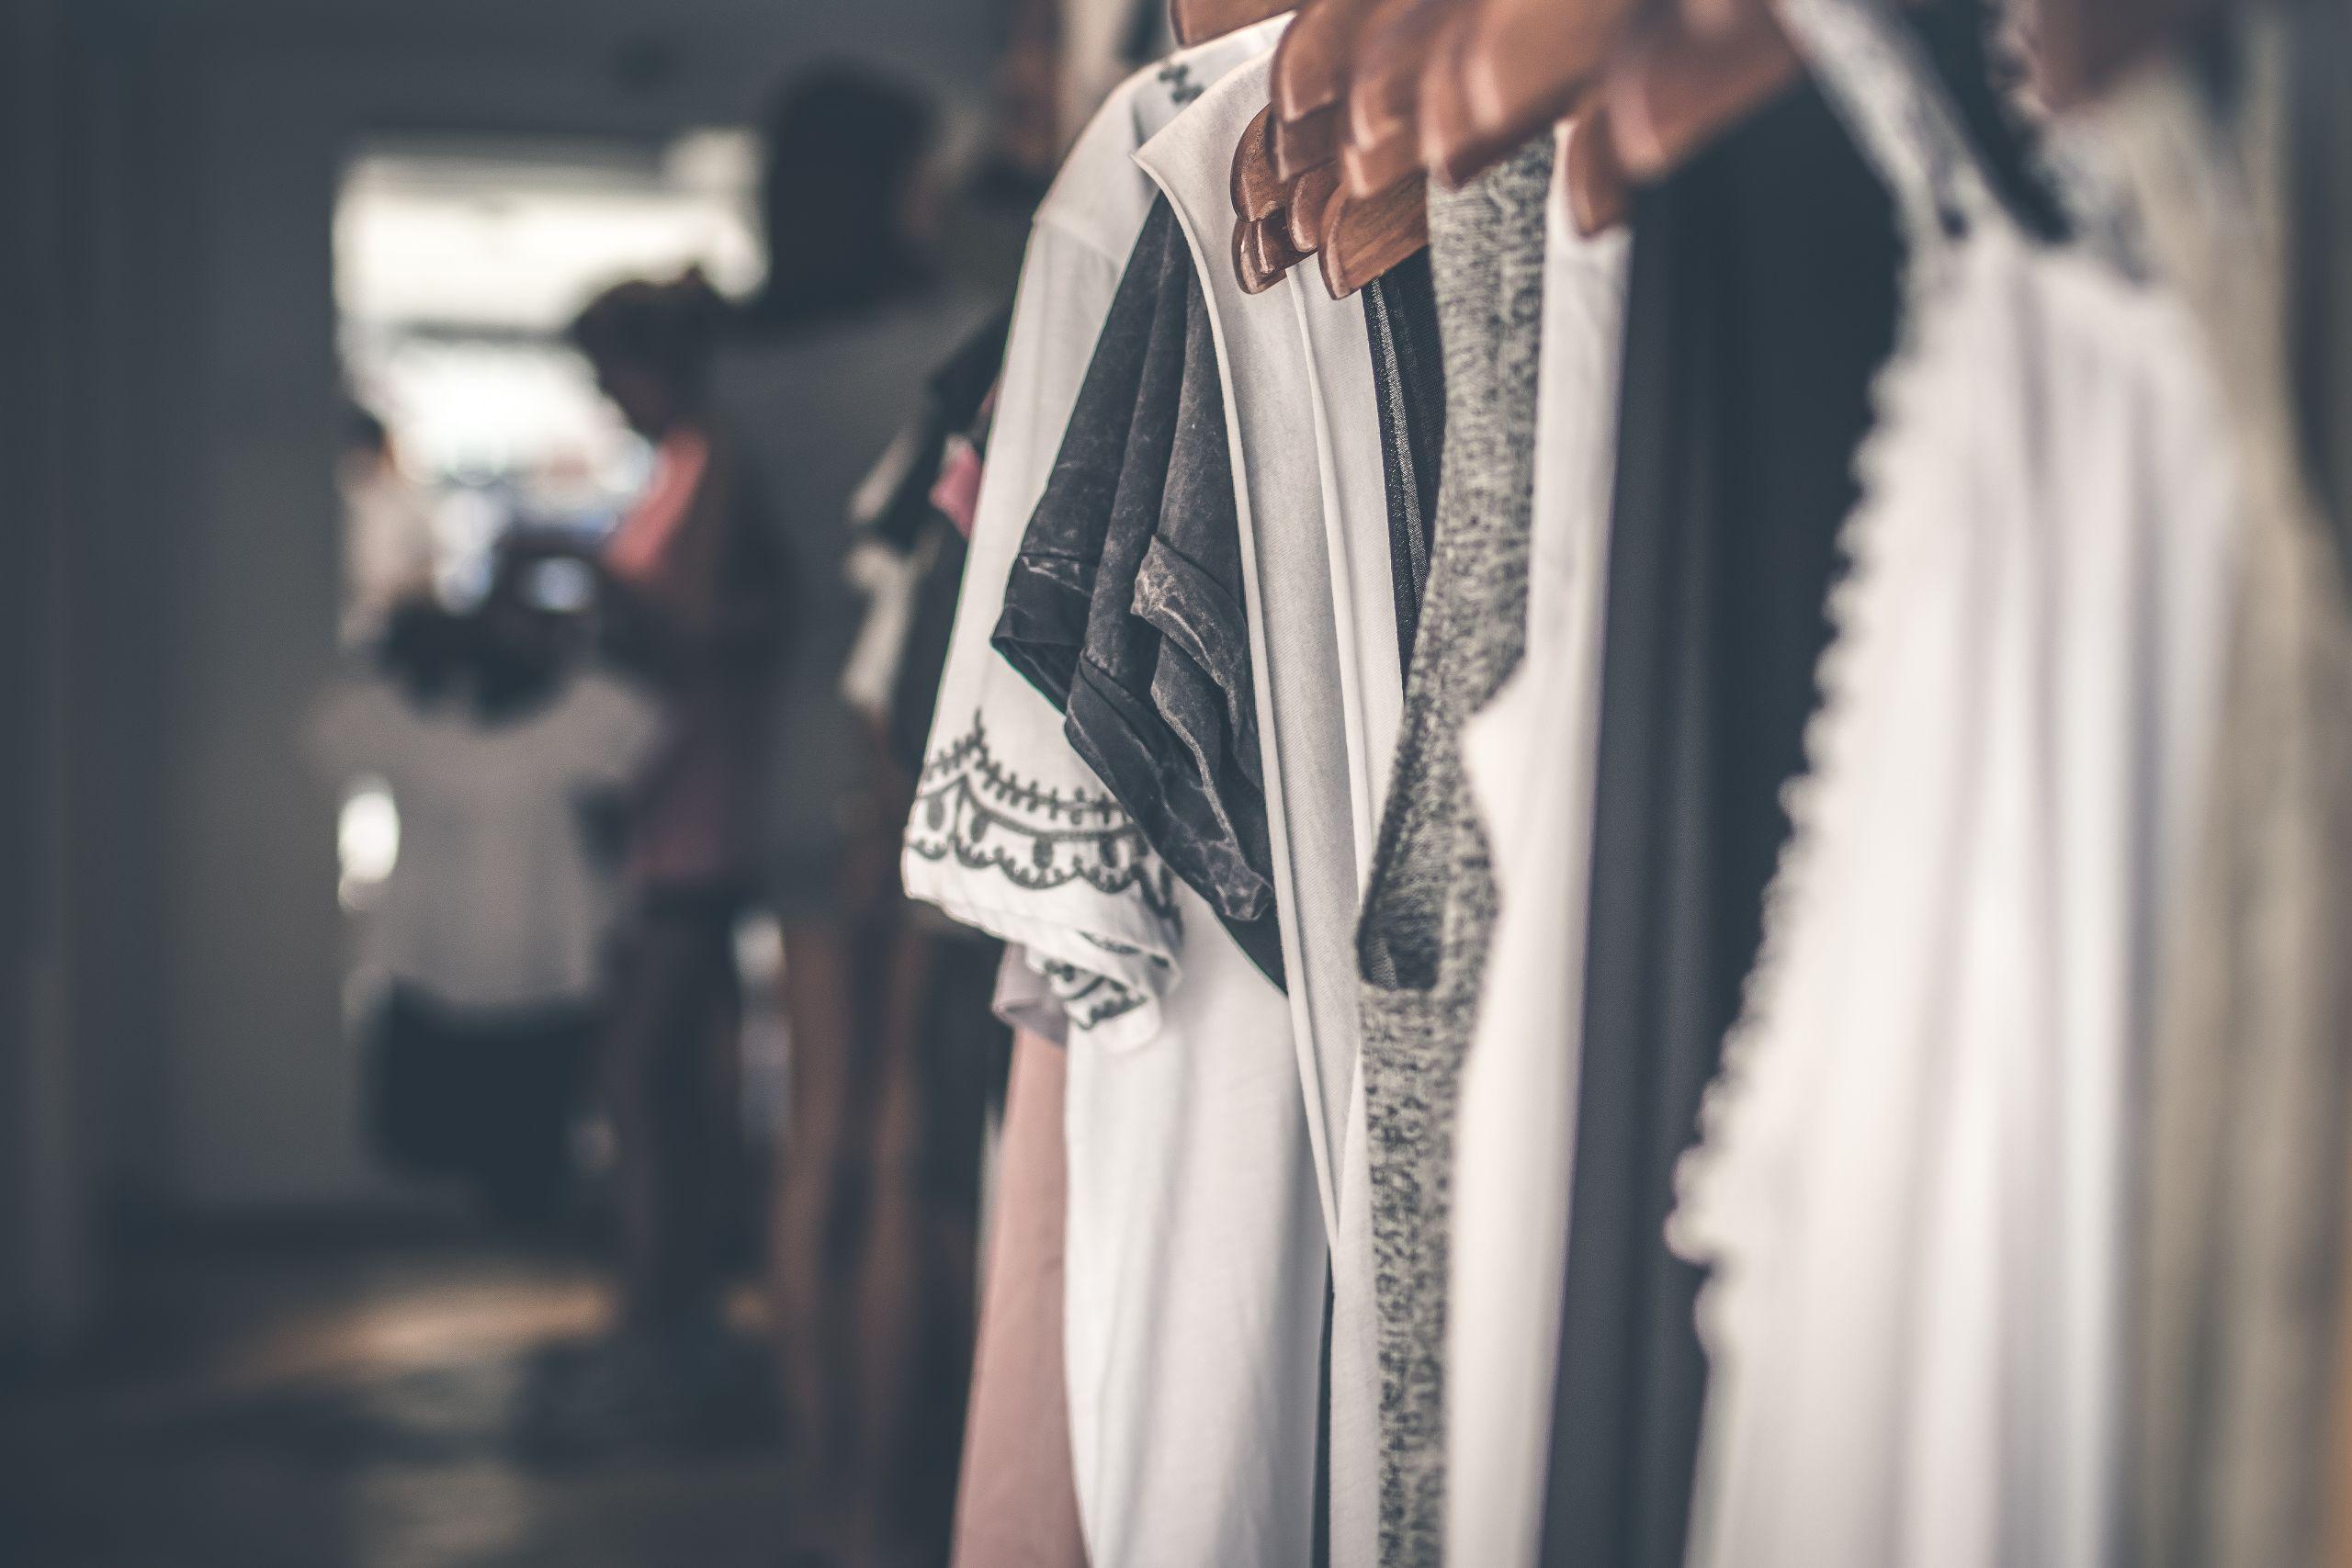 Køb Ganni tøj til din vintergarderobe